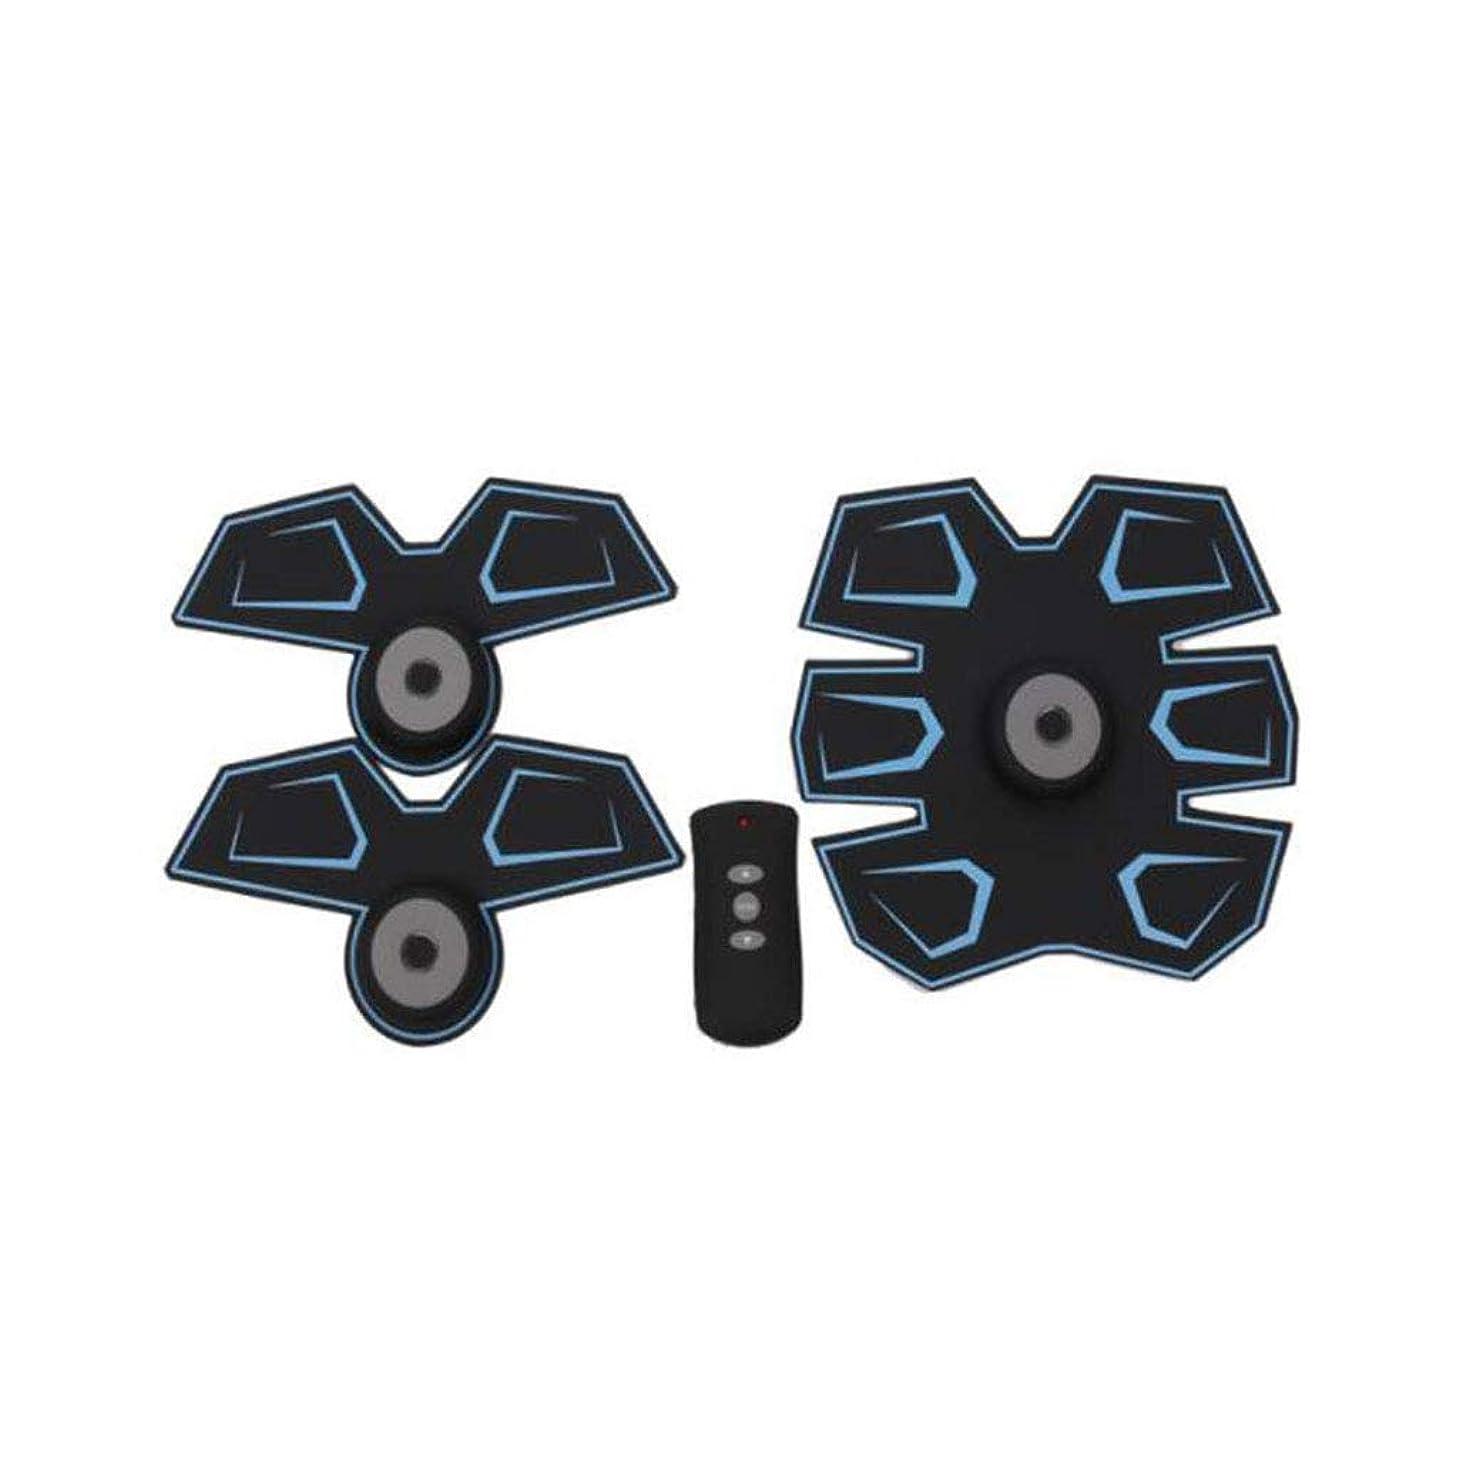 幼児スパイビリーヤギGWM 腹部マッサージャー筋肉フィットネス装置、腹部電気刺激装置EMS腹部トレーナー、ワイヤレス電子フィットネスマッサージャーセット腹部腕脚ユニセックス(青)